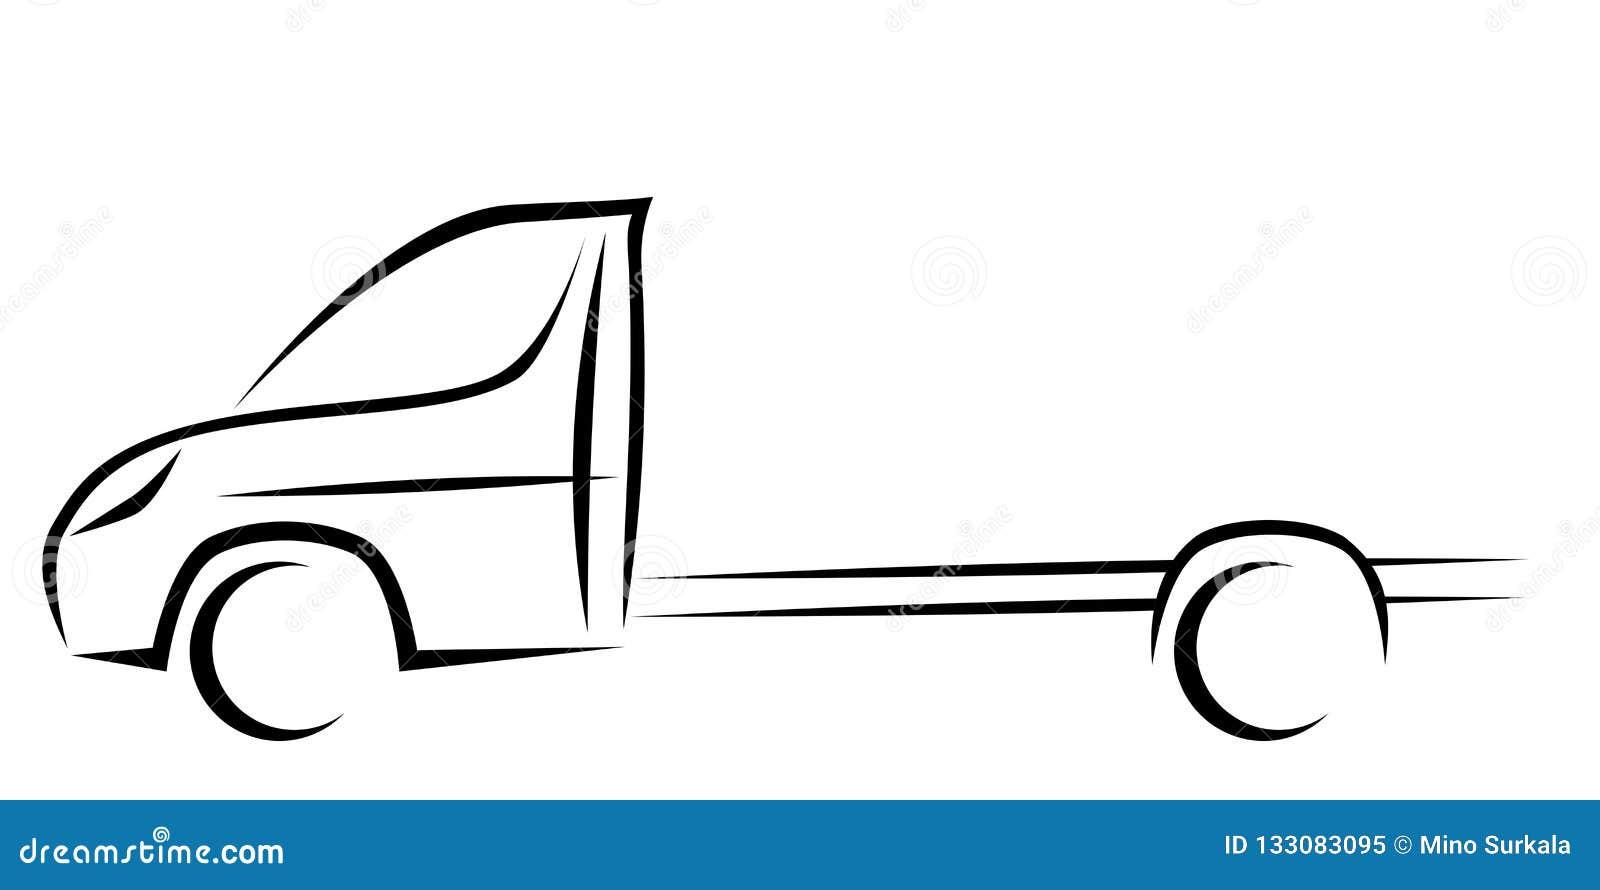 Ilustração dinâmica do vetor de um vehicla comercial claro com um chassi sem uma caixa